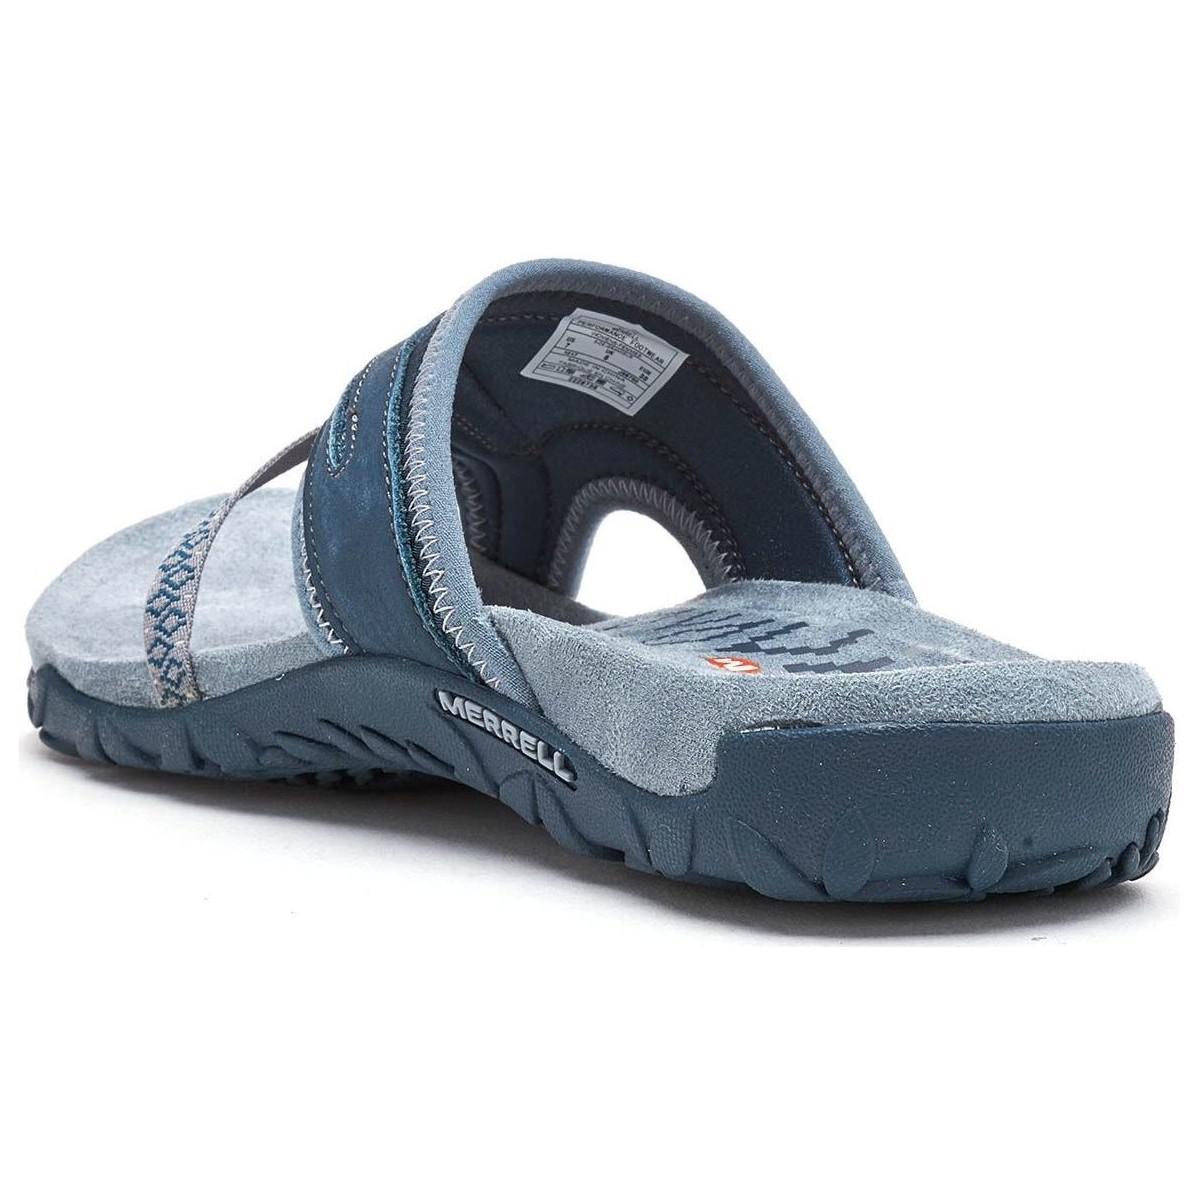 5f01ee60d76b Merrell - Terran Post Ii Women Sandals In Slate Blue J98750 Women s Sandals  In Blue -. View fullscreen